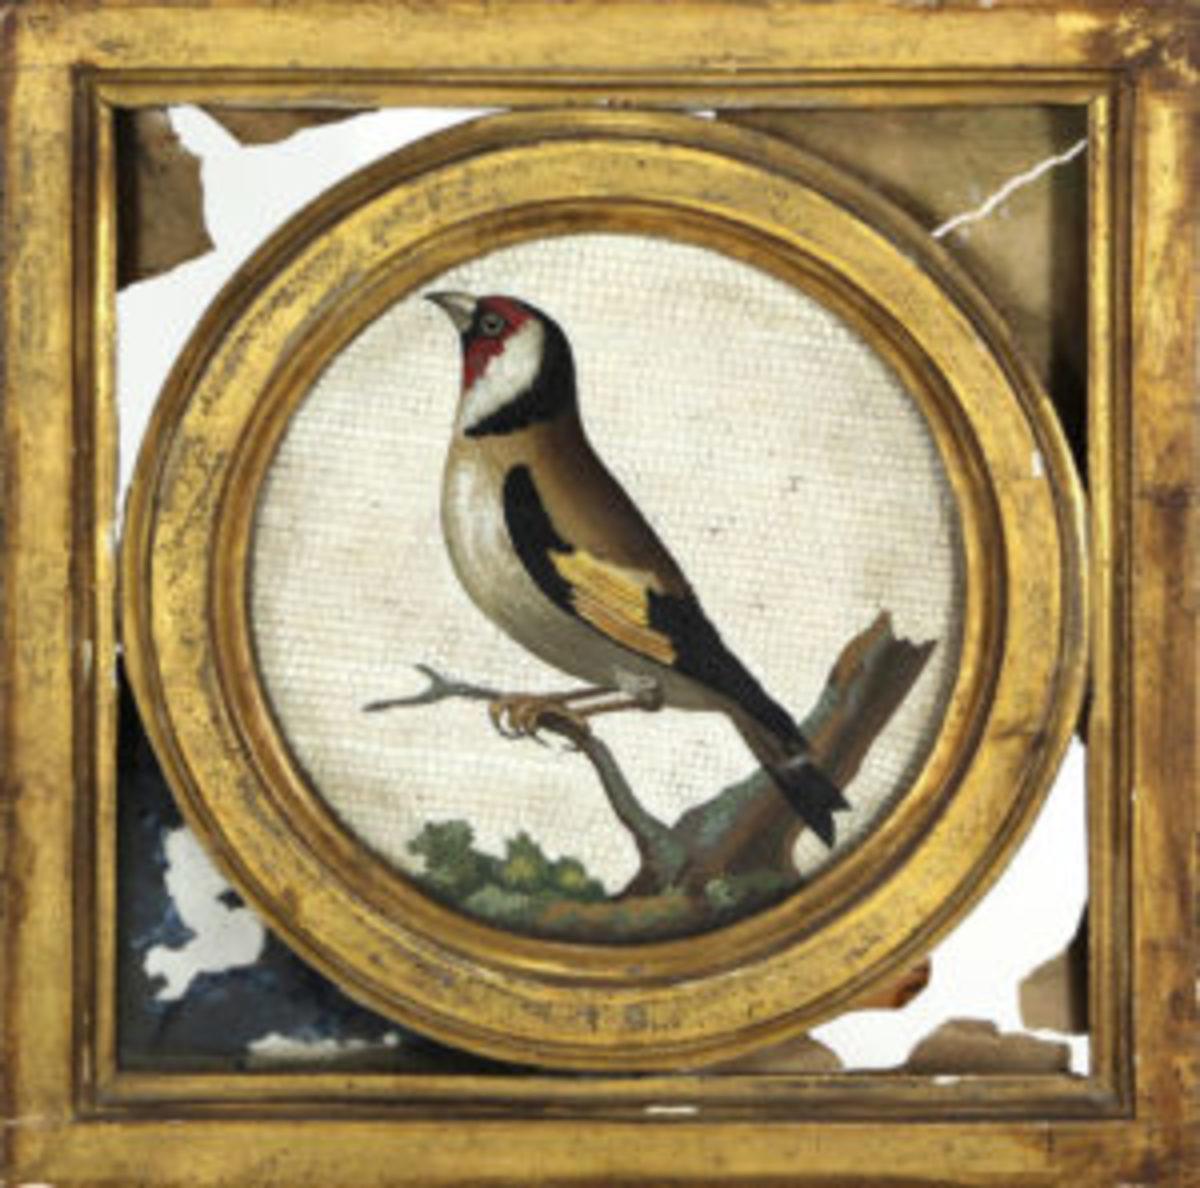 Raefellli plaque